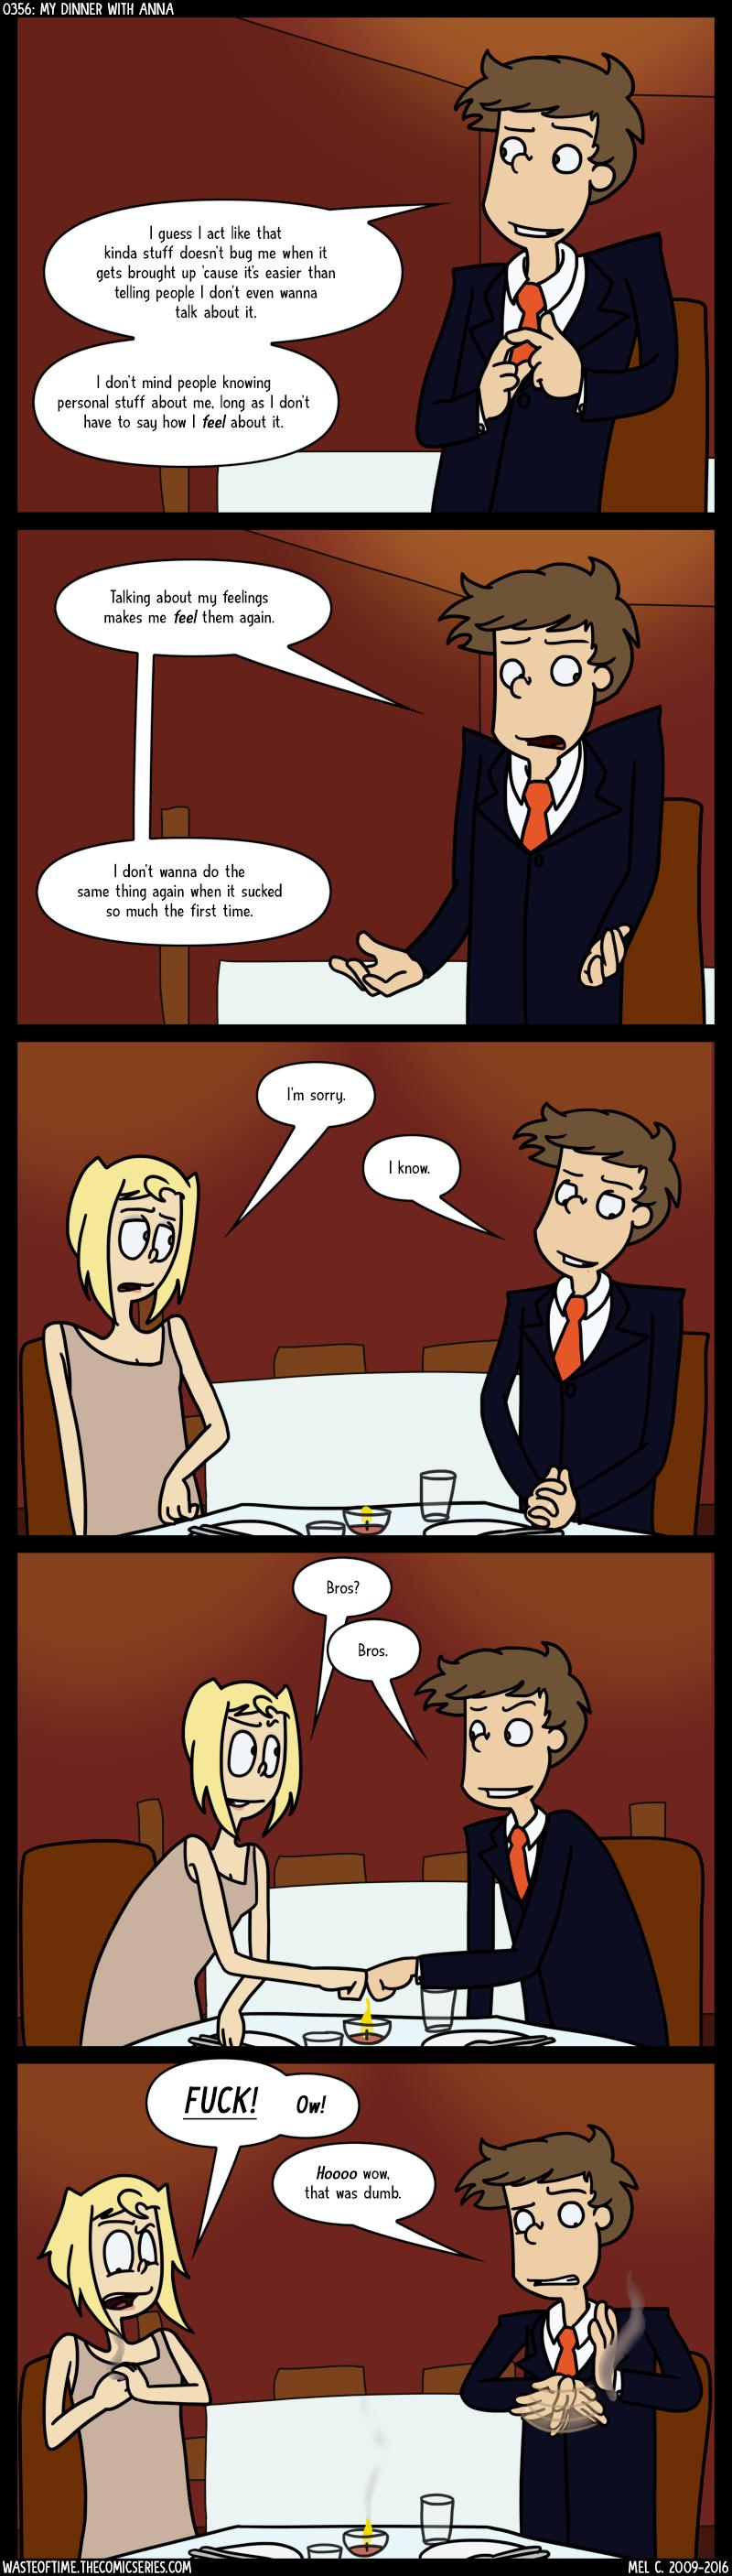 0356: My Dinner With Anna